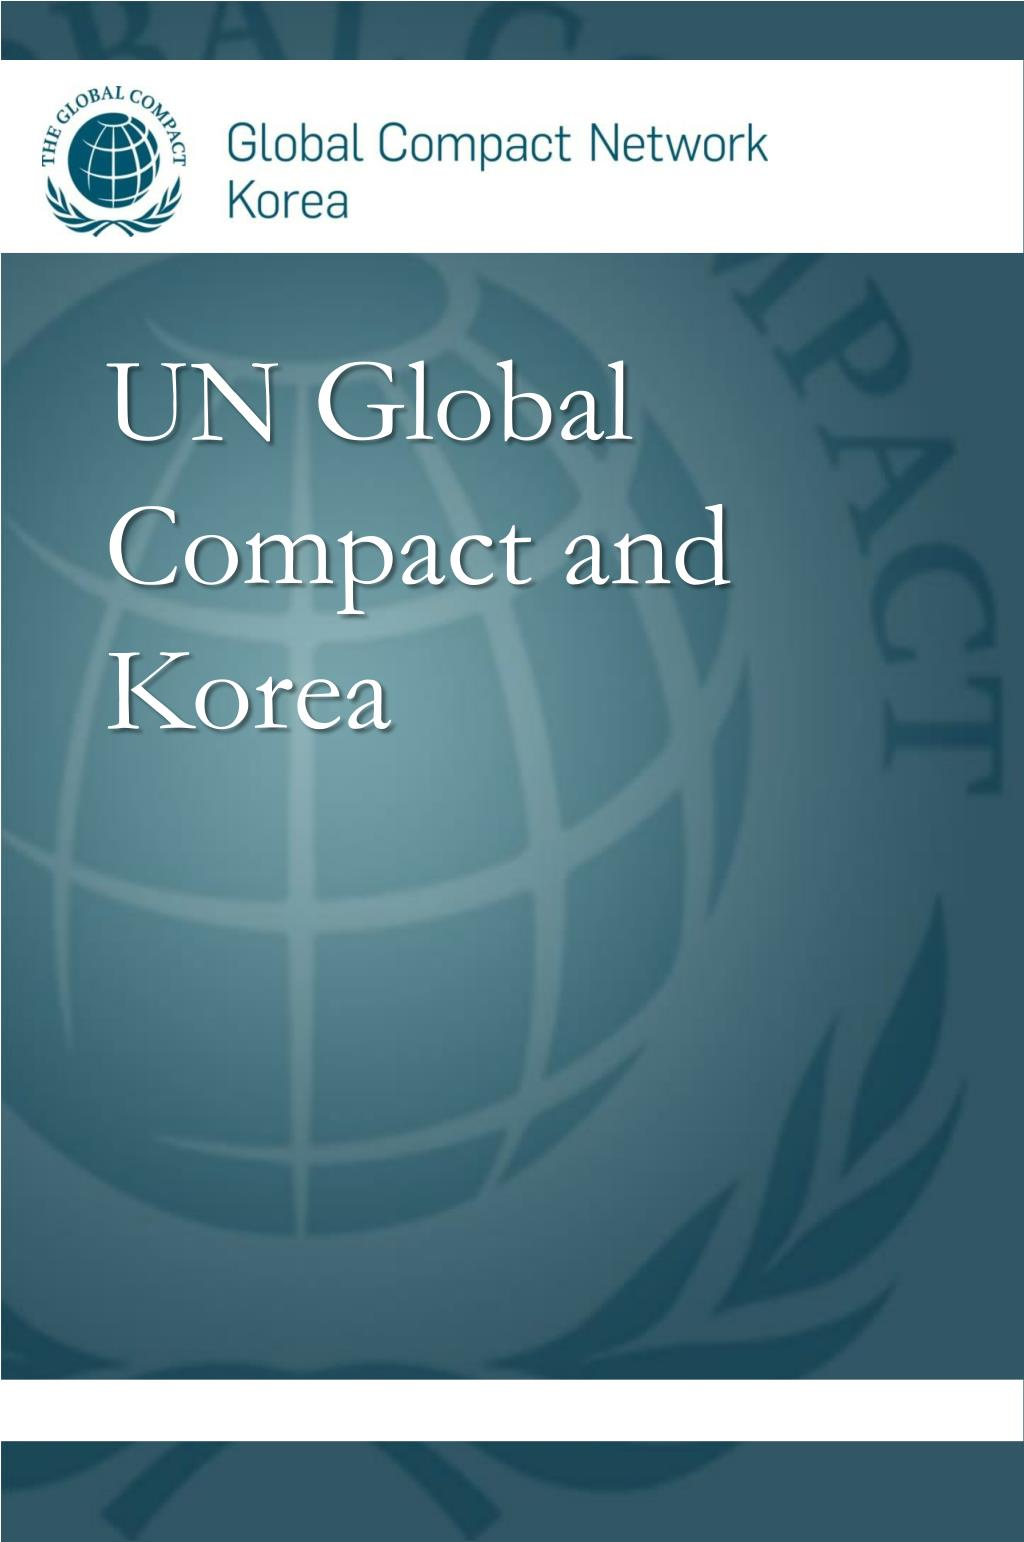 UN Global Compact and Korea